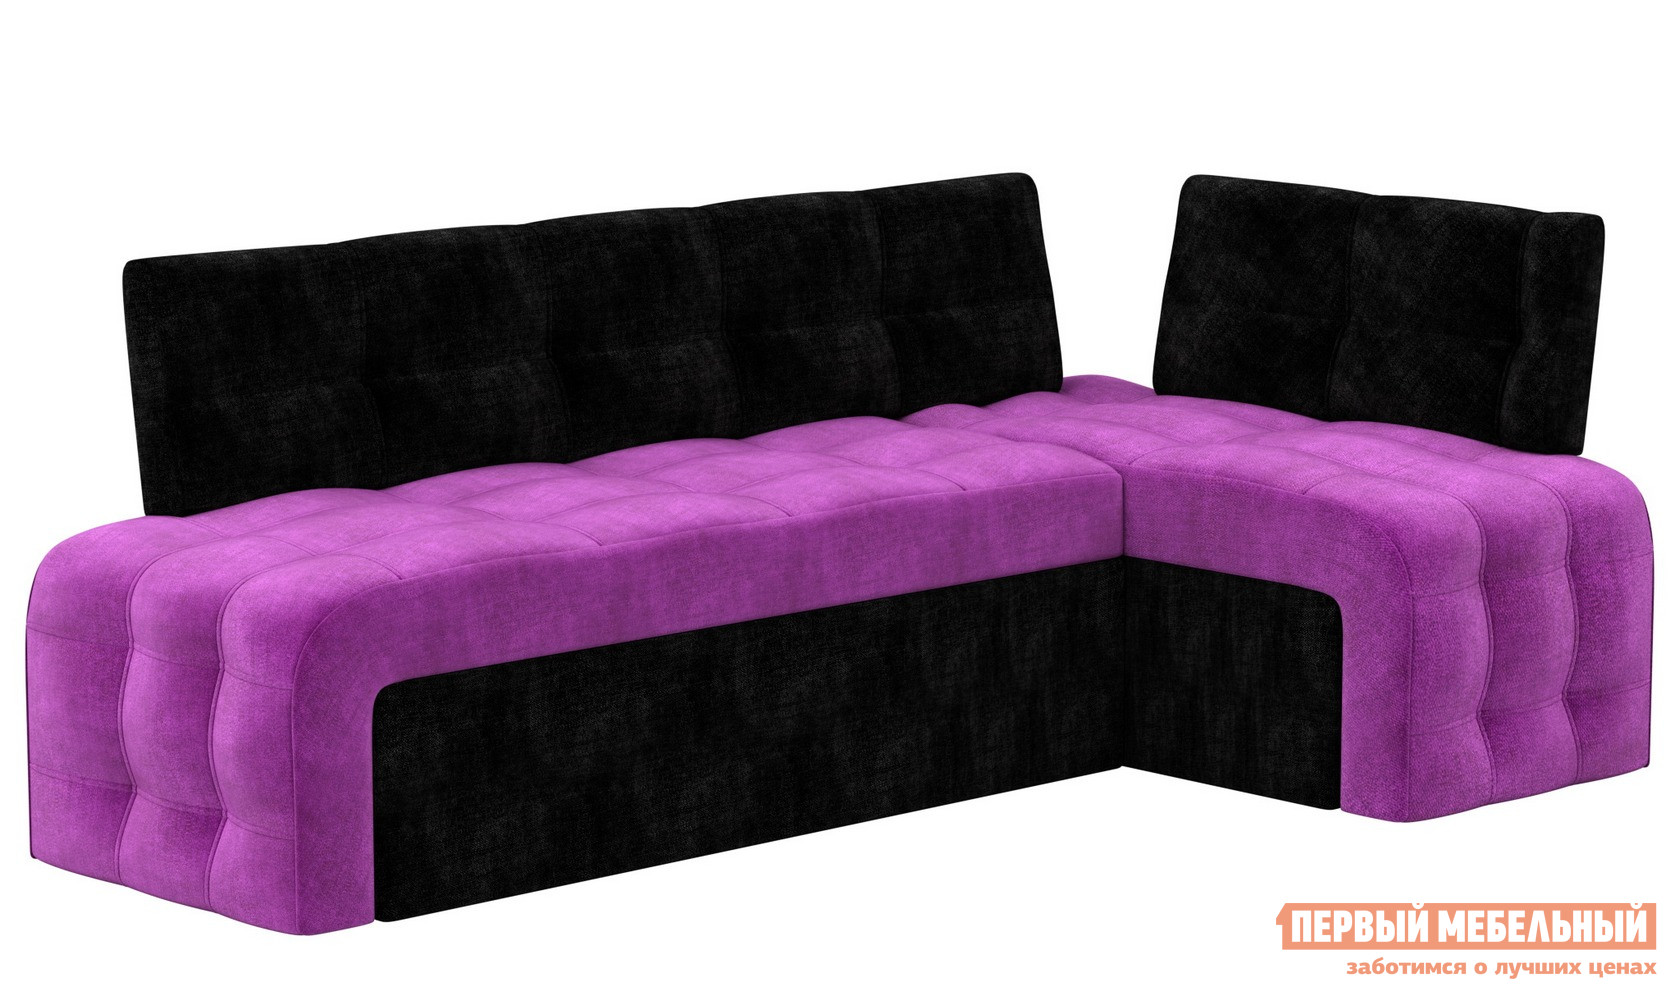 Кухонный уголок  Кухонный угловой диван Люксор микровельвет Фиолетово-черный микровельвет, Правый